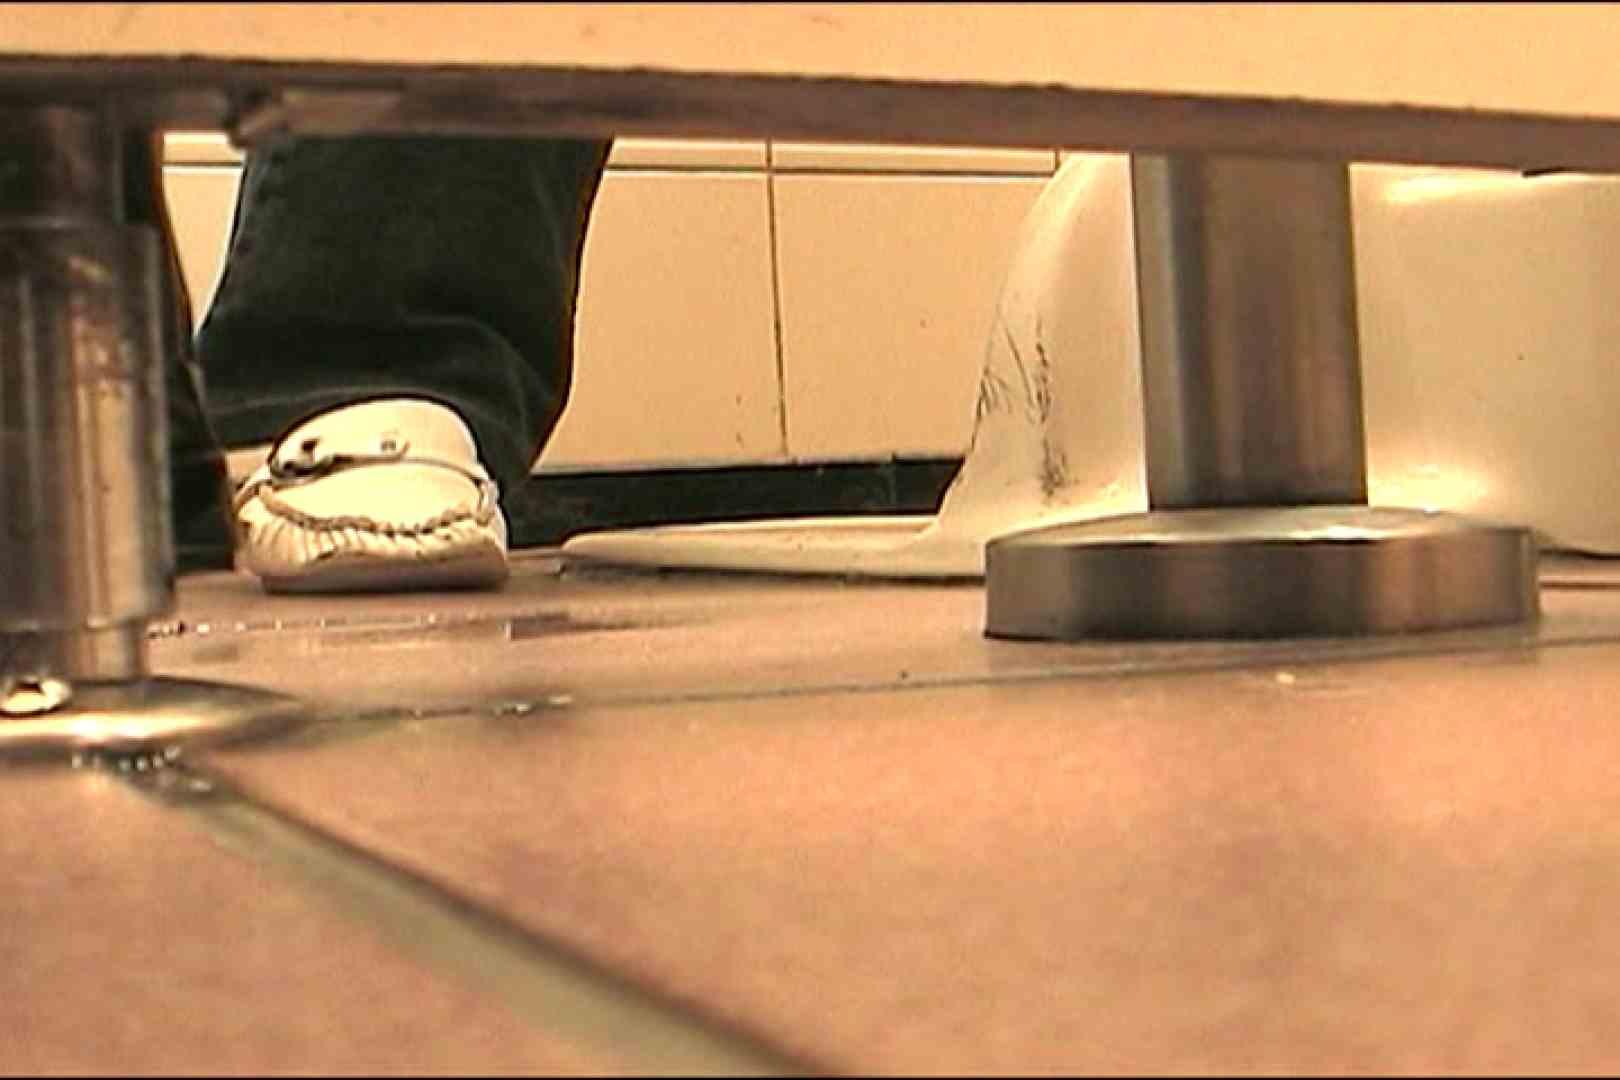 マンコ丸見え女子洗面所Vol.44 OLの実態 盗み撮りSEX無修正画像 57pic 44